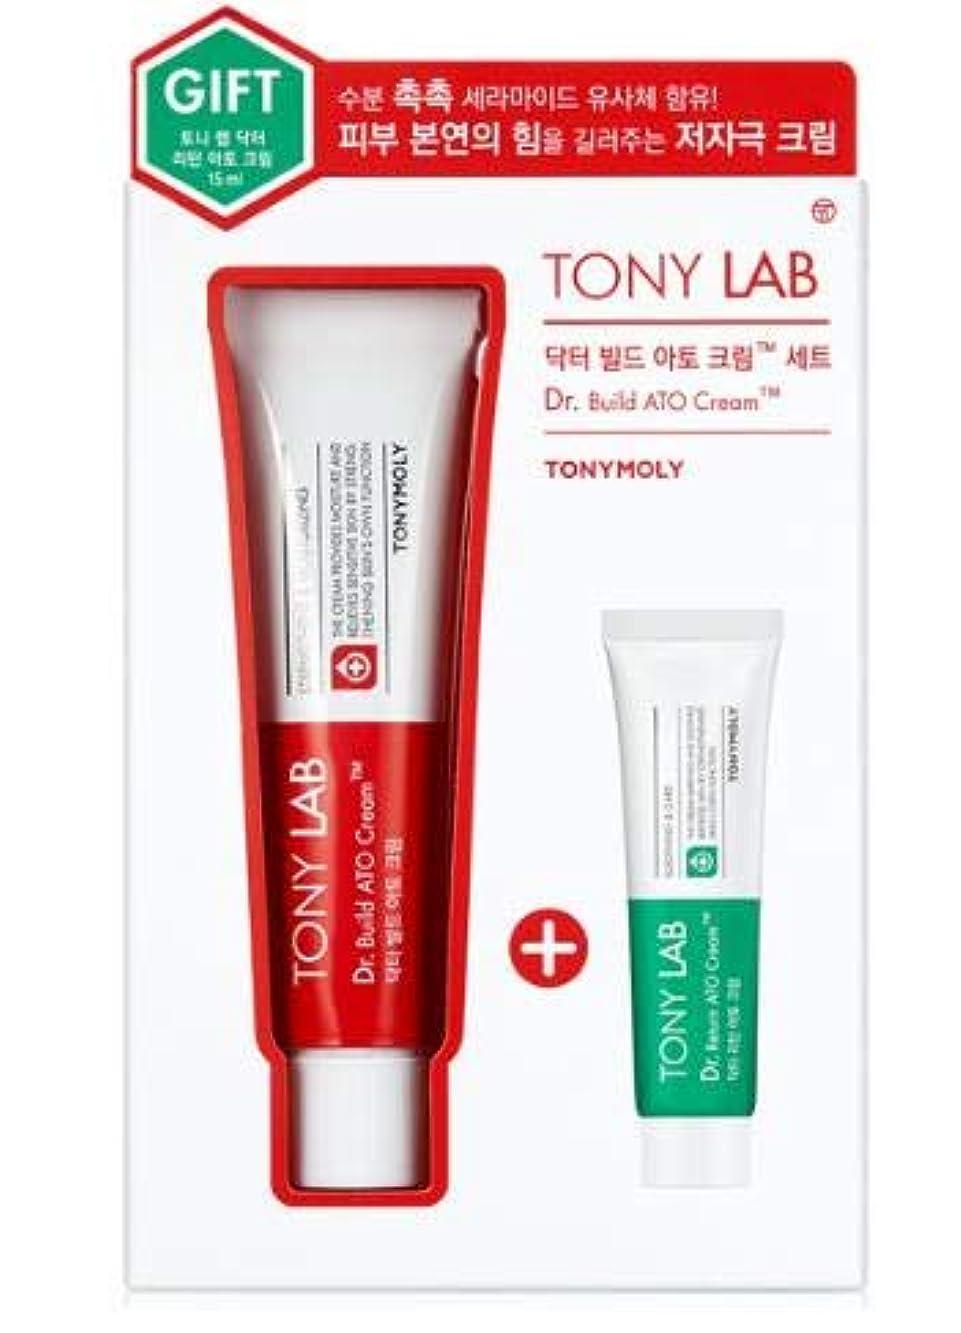 自動化比喩知的TONY MOLY Tony Lab Dr. Build ATO Cream トニーモリー トニーラボ ドクター ビルド アト クリーム [並行輸入品]